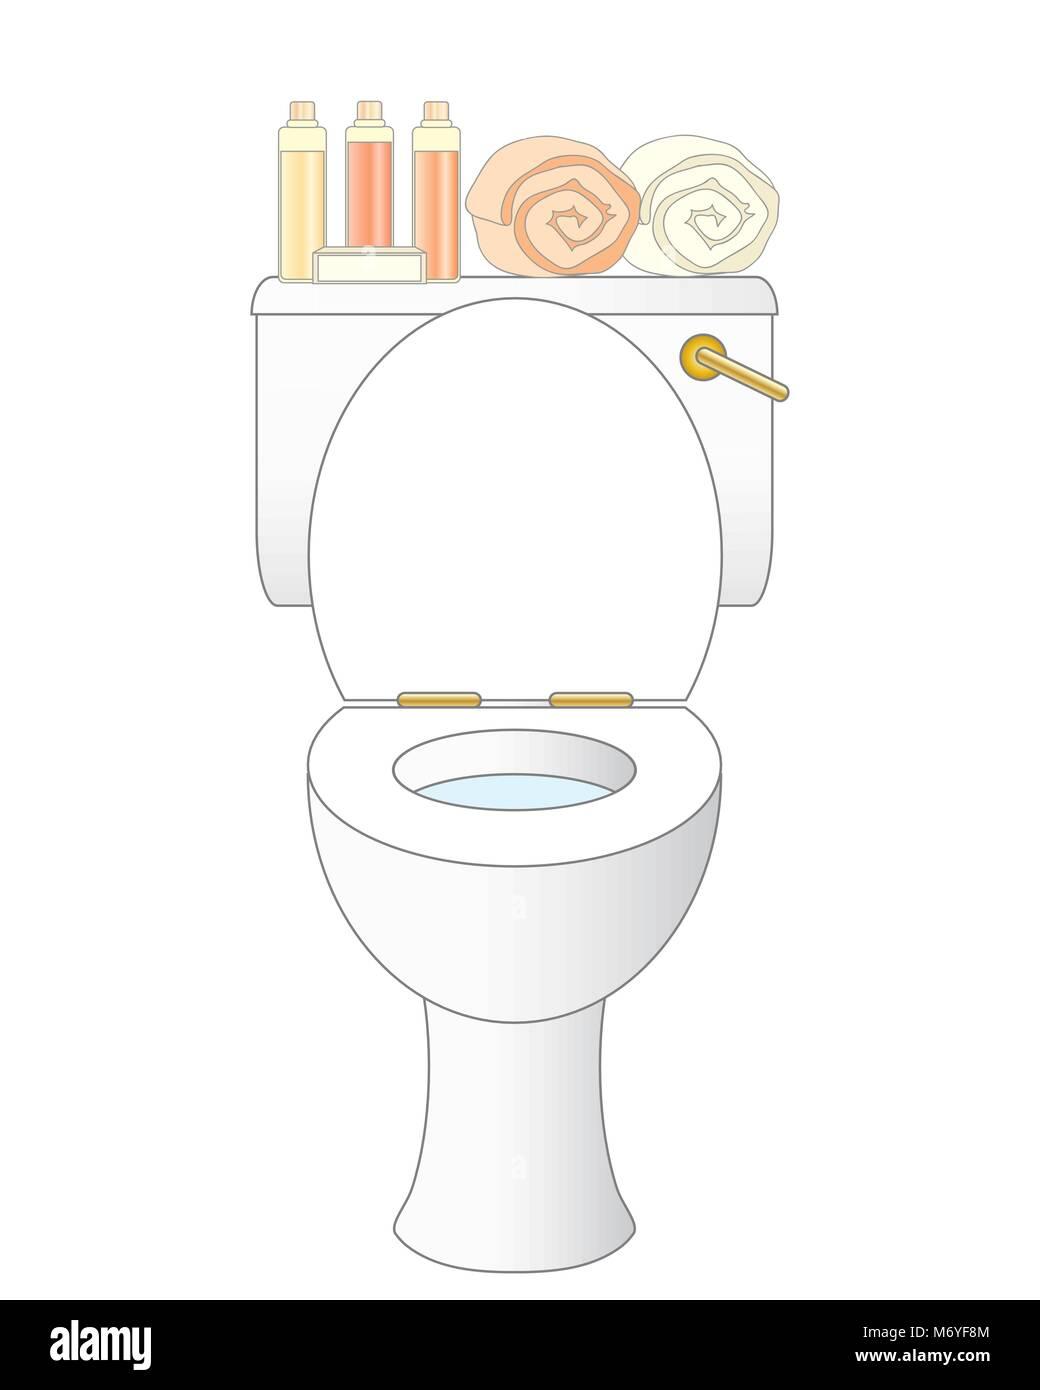 Una illustrazione vettoriale in formato eps 10 formato di un bianco pulito Bagno con articoli da bagno e asciugamani Immagini Stock